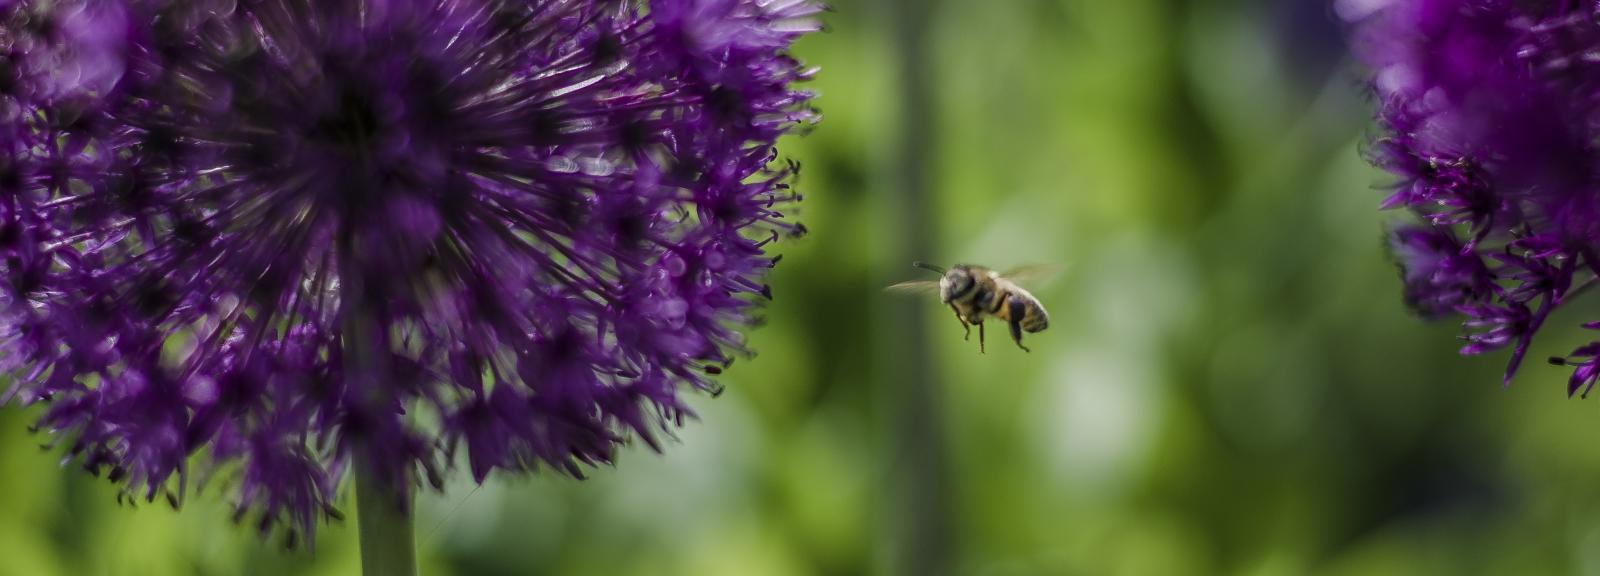 Pollinisation - ©pixo7000